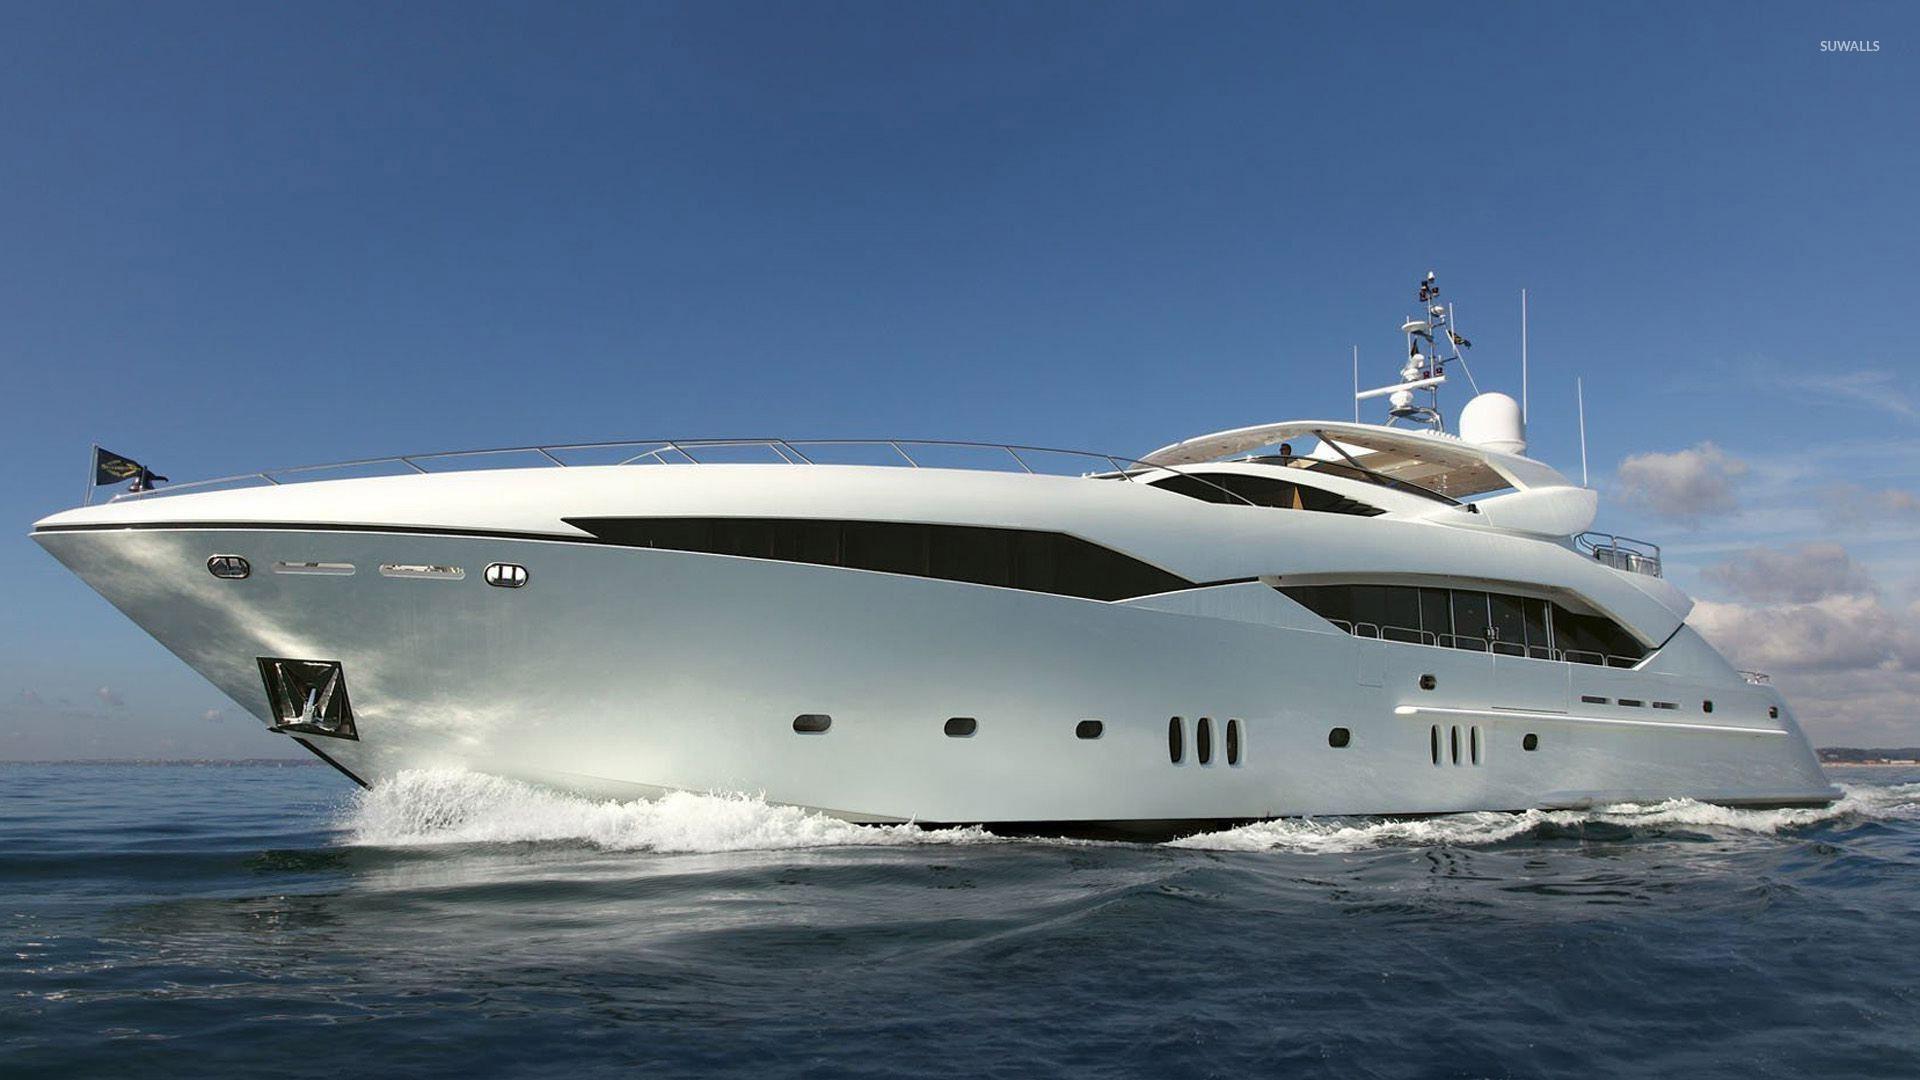 sunseeker predator 130 yacht wallpaper photography